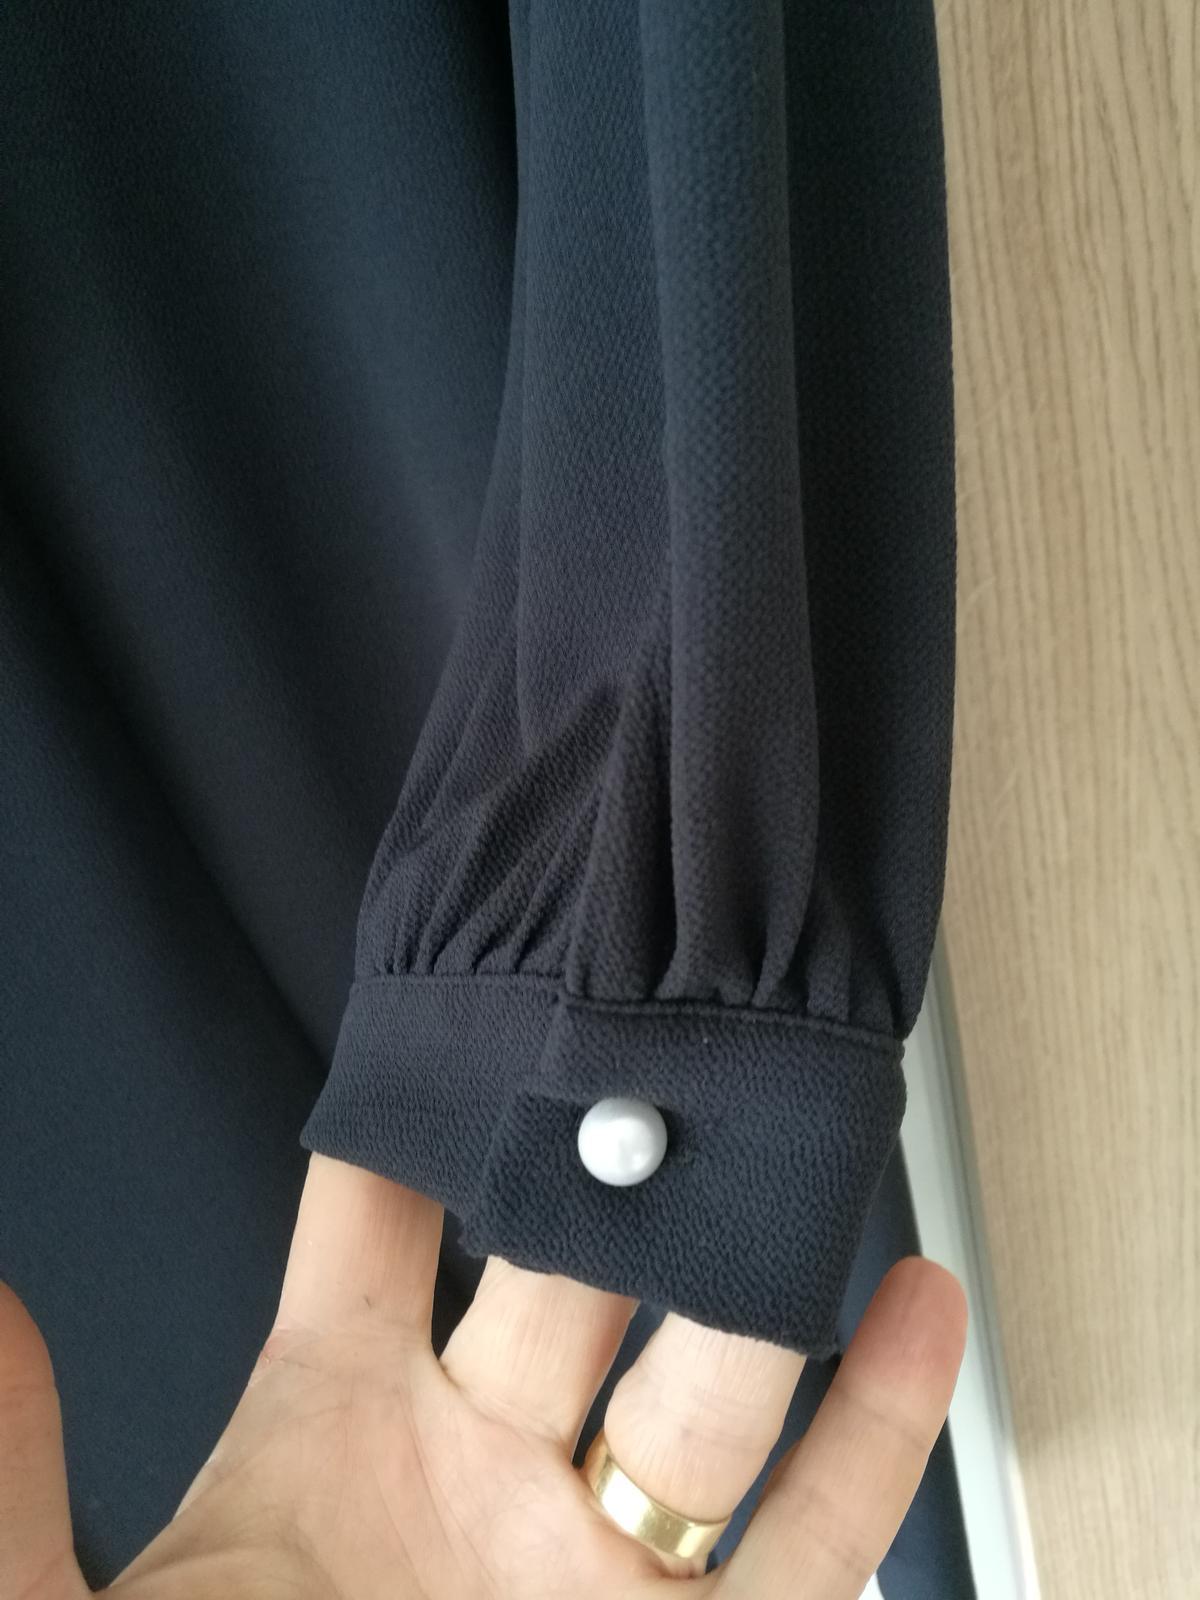 Šaty s dlouhým rukávem - Obrázek č. 2